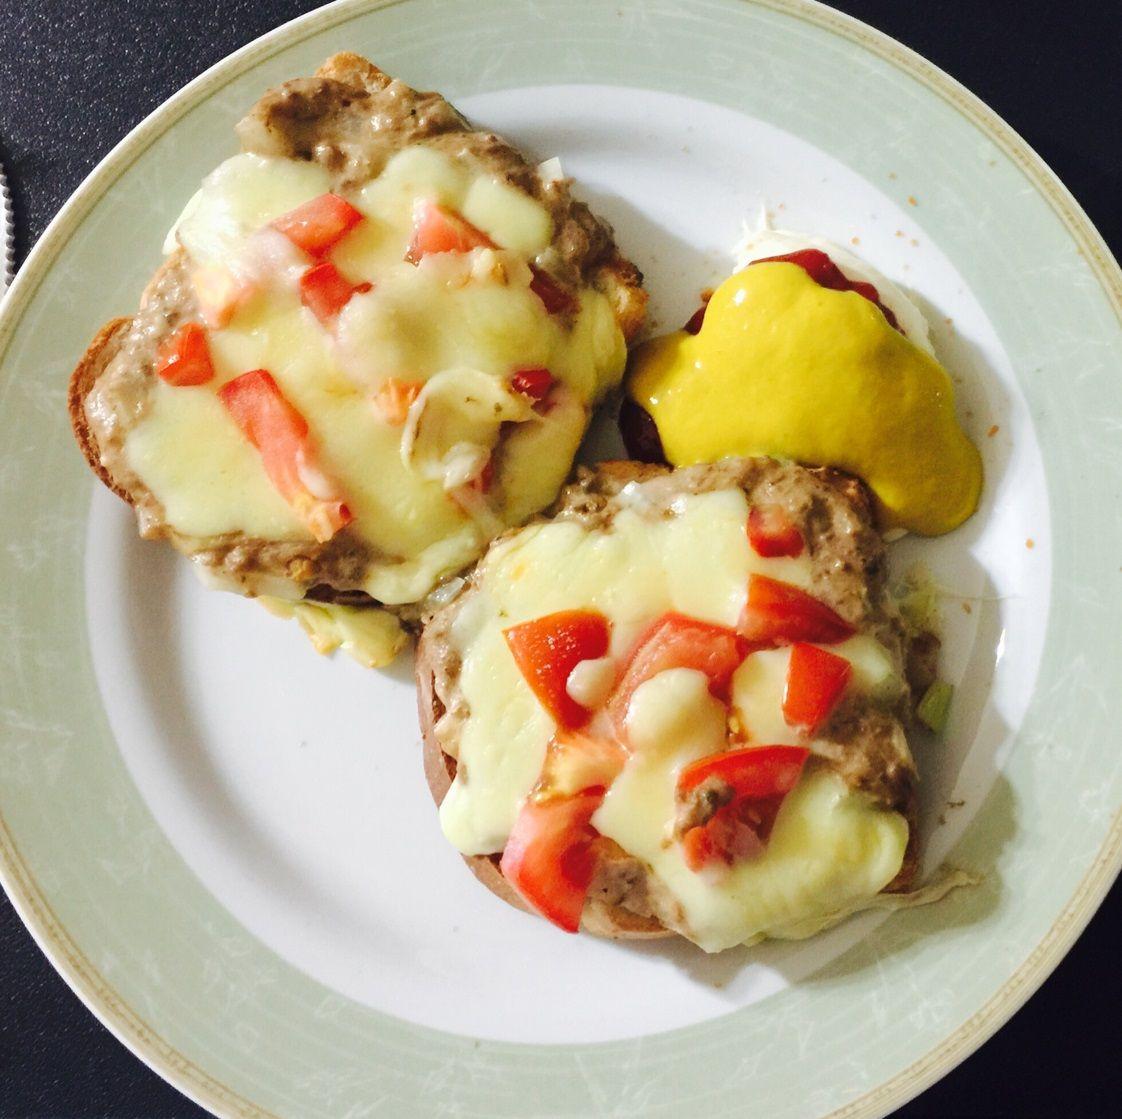 Receita de Tuna sandwich (sanduíche de atum). Enviada por Caroline e demora apenas 20 minutos.